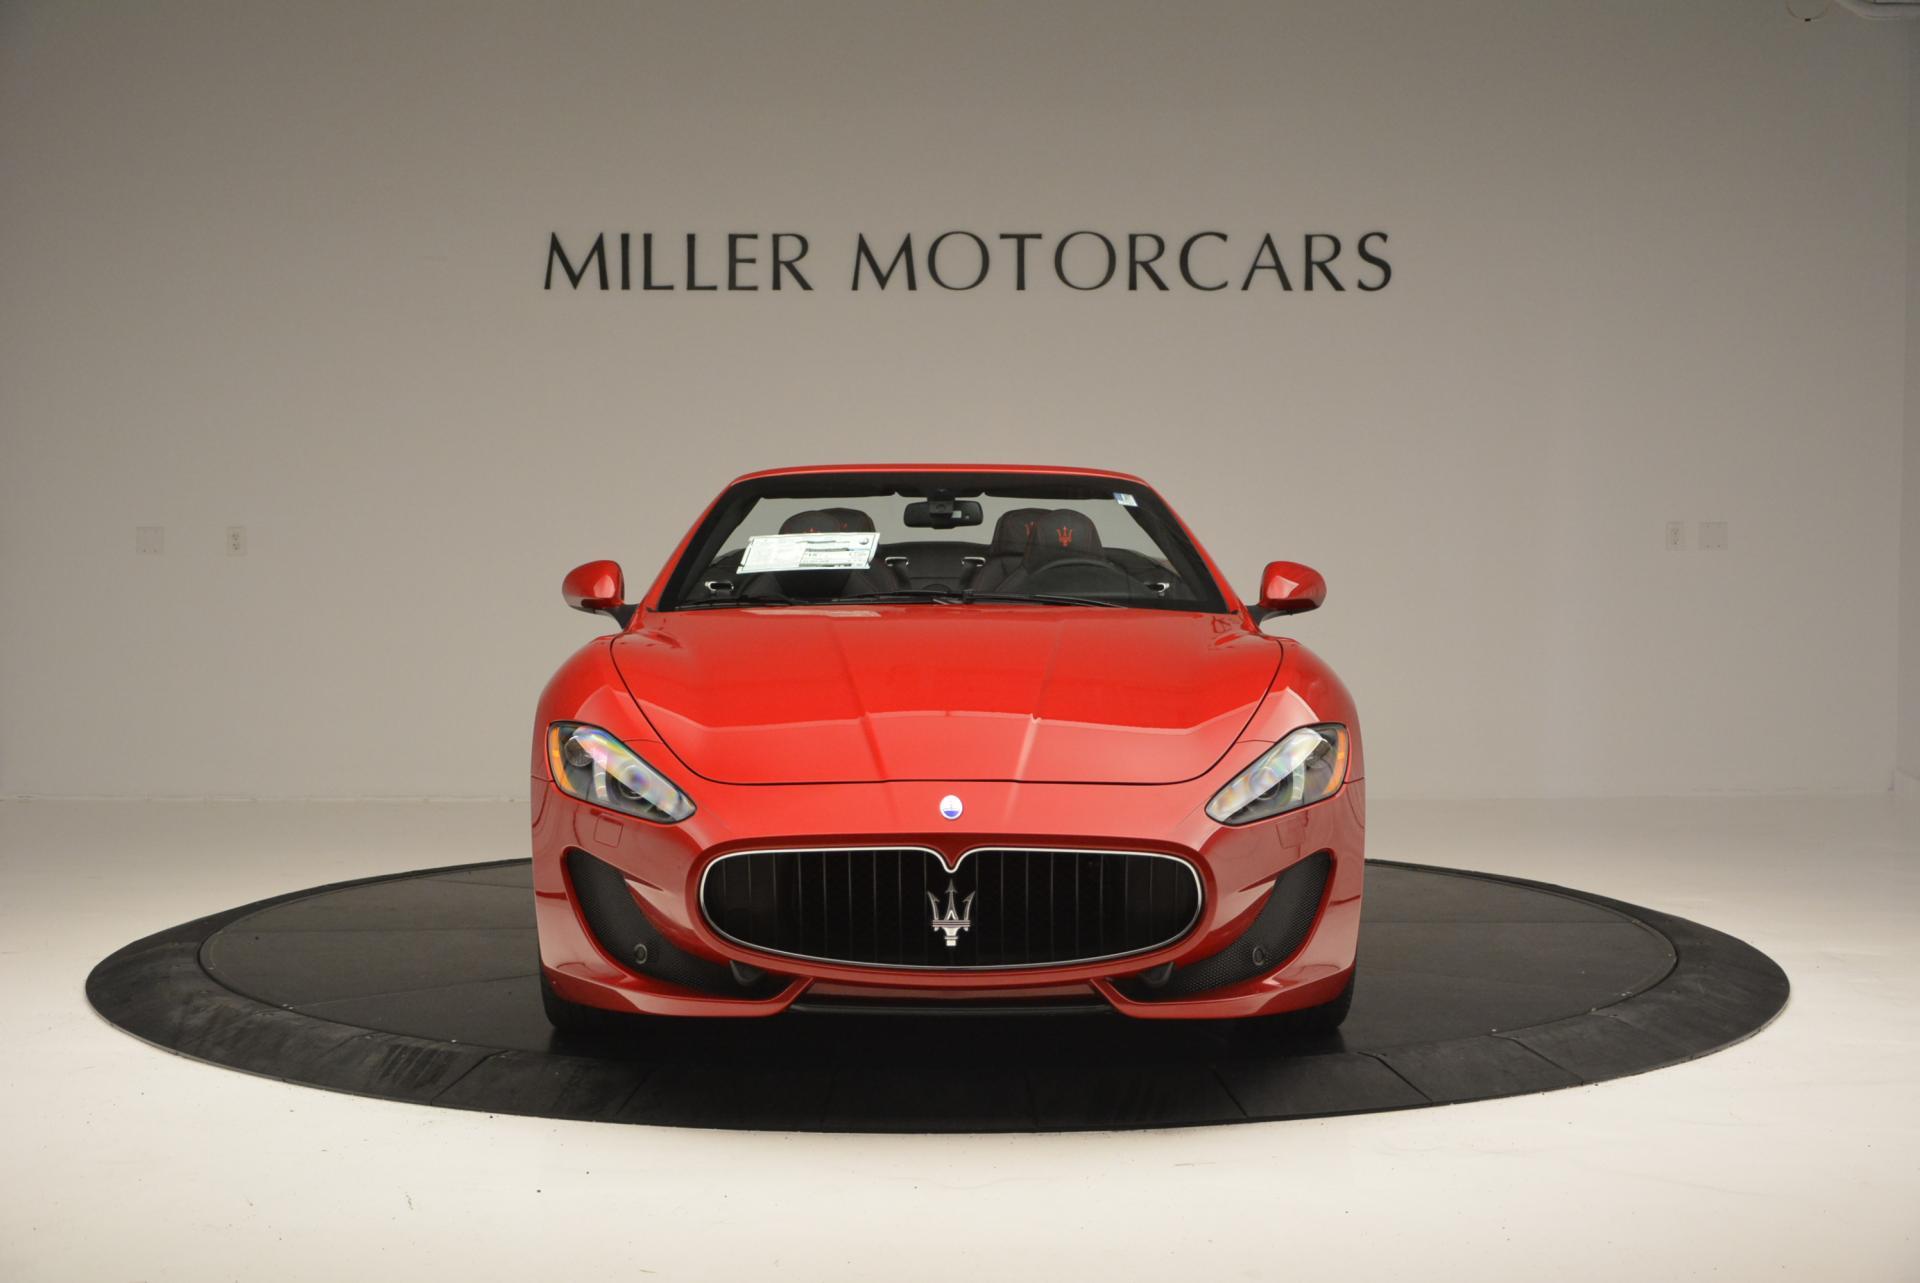 New 2017 Maserati GranTurismo Cab Sport For Sale In Westport, CT 152_p12